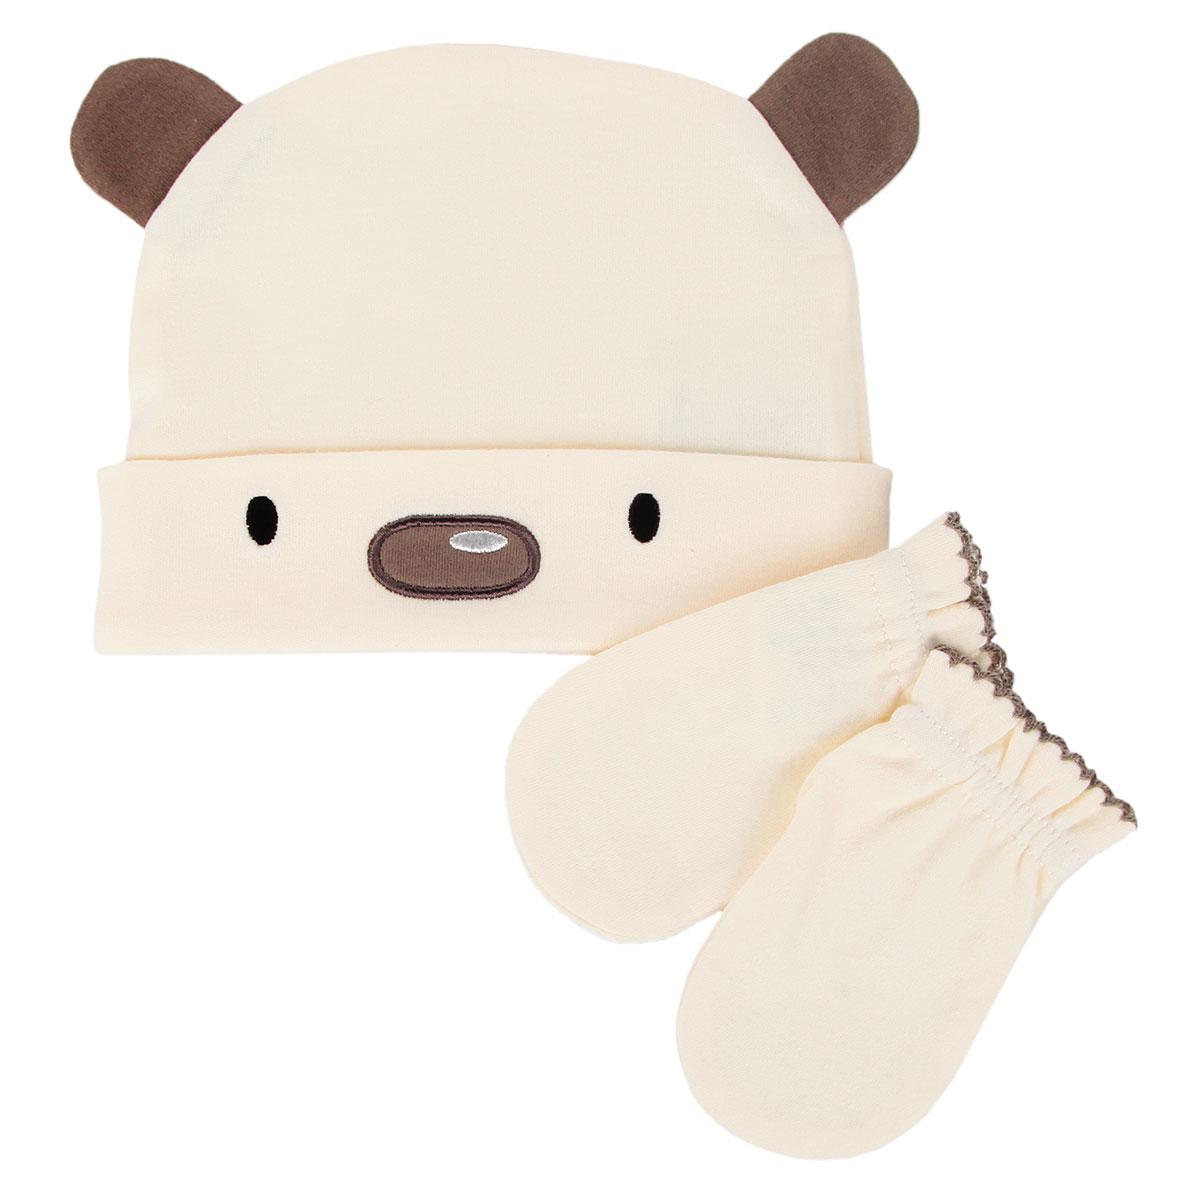 Комплект для мальчика Babydays Медвежонок: шапочка, рукавички, цвет: бежевый, коричневый. bd20007. Размер Nb (48/58), 0-3 месяца0501-001 BER_бежевый_48-58 см. (0-3, NB) МедвежонокКомплект лдя мальчика Babydays Медвежонок, состоящий из шапочки и рукавичек, идеально подойдет для вашего крохи. Плотный трикотажный материал (210 г/м) из натурального хлопка делает изделия качественными, прочными и износостойкими. Ткань хорошо впитывает влагу и обеспечивает проникновение кислорода к телу малыша через одежду. Ткань не линяет, не теряет своей яркости после многочисленных стирок.Шапочка с отворотом оформлена аппликацией в виде мордочки медвежонка и украшена декоративными ушками. Рукавички обеспечат вашему младенцу комфорт во время сна и бодрствования, предохраняя его нежную кожу от расцарапывания. Рукавички присборены на эластичные резинки и украшены ажурными петельками. В таком комплекте ваш ребенок всегда будет в центре внимания.